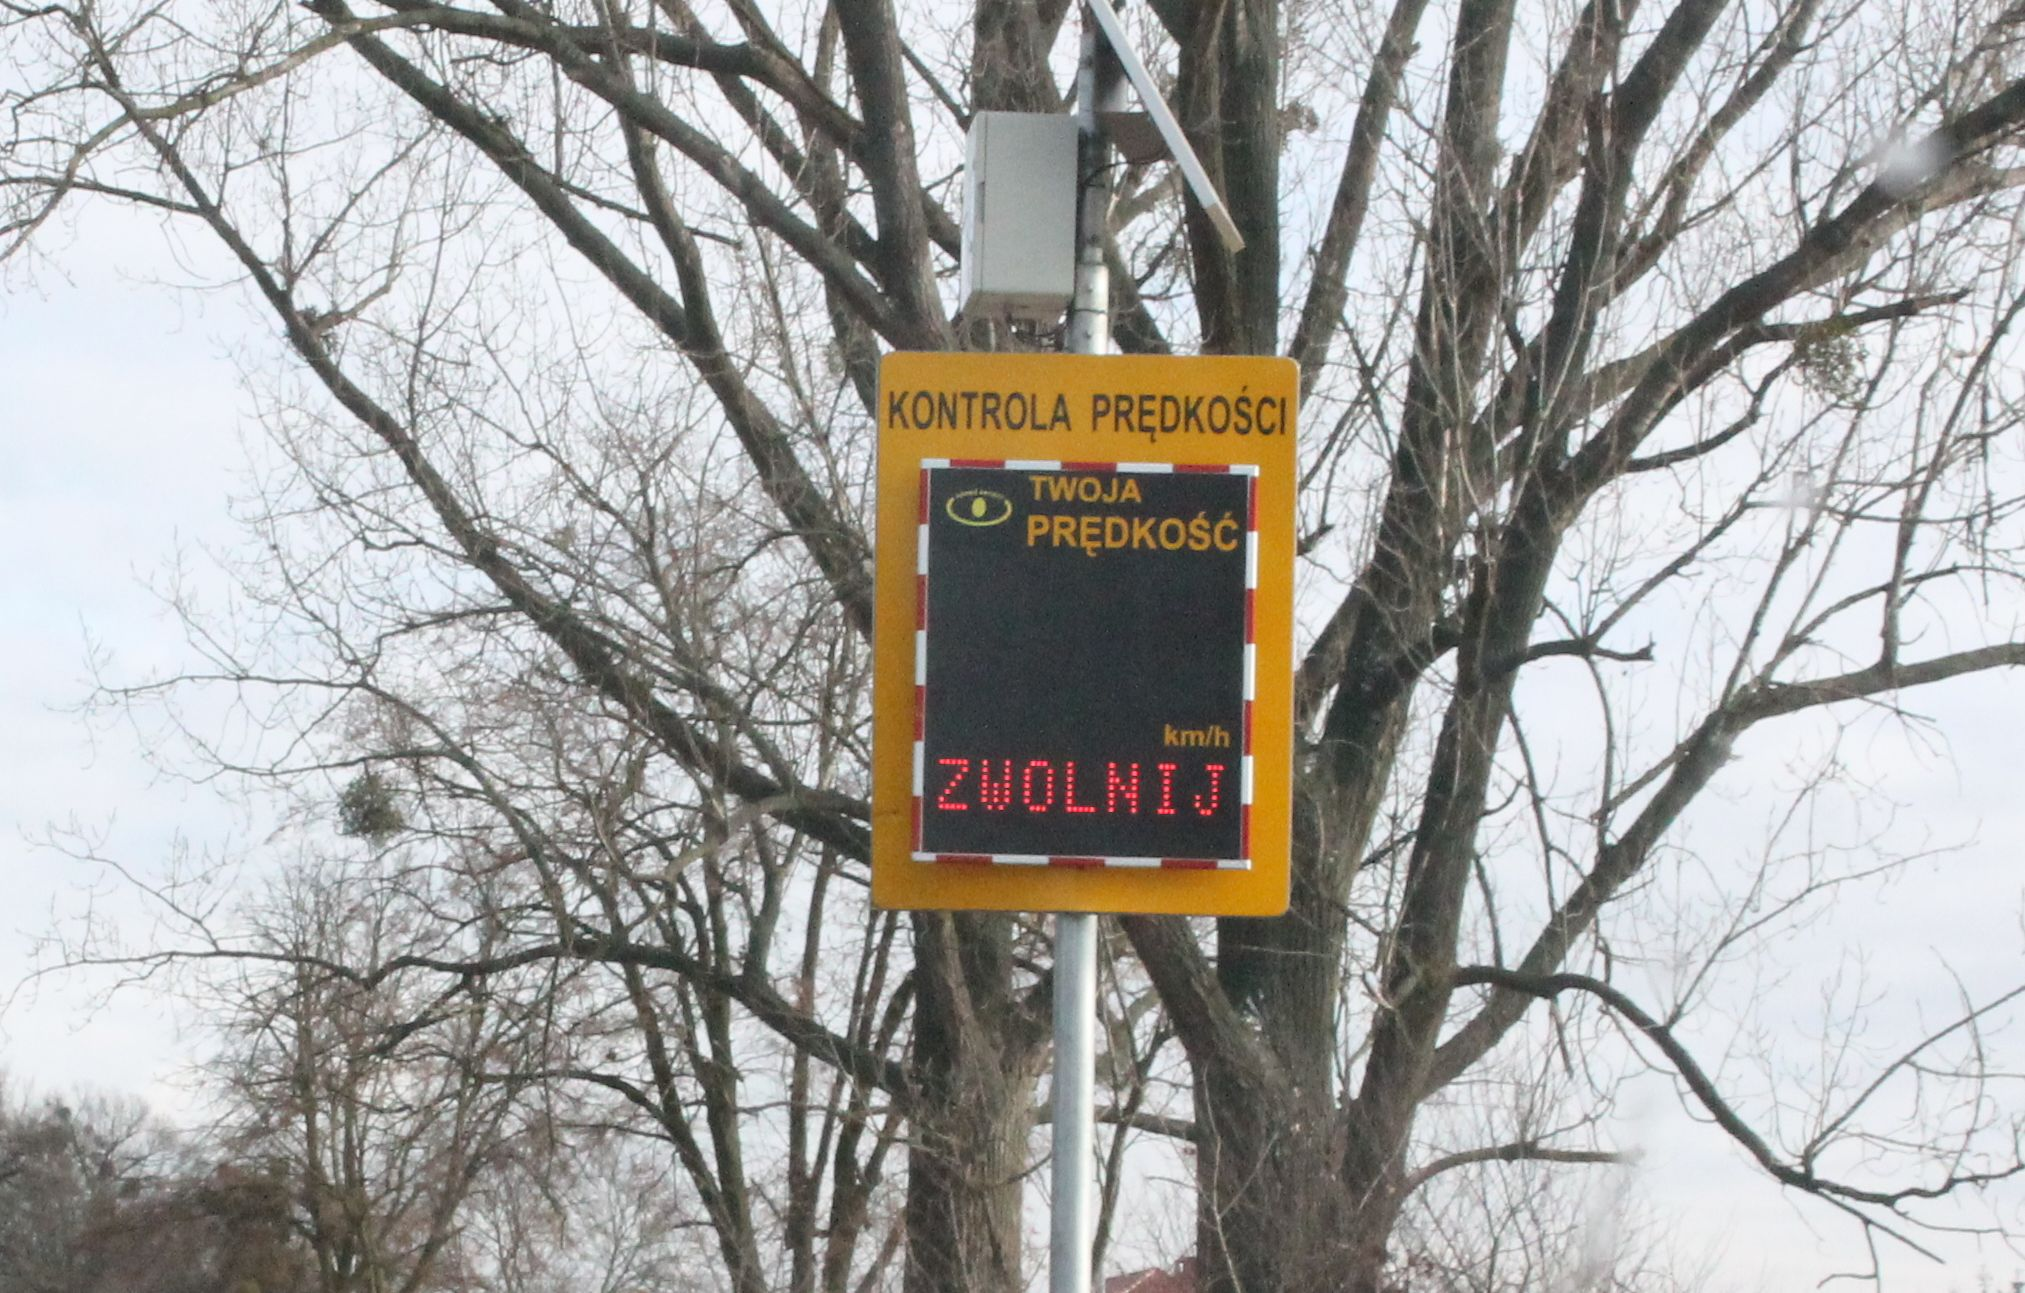 Gmina Pleszew. Zmiany na przejściu dla pieszych. W tym miejscu stanie radarowy wyświetlacz prędkości - Zdjęcie główne